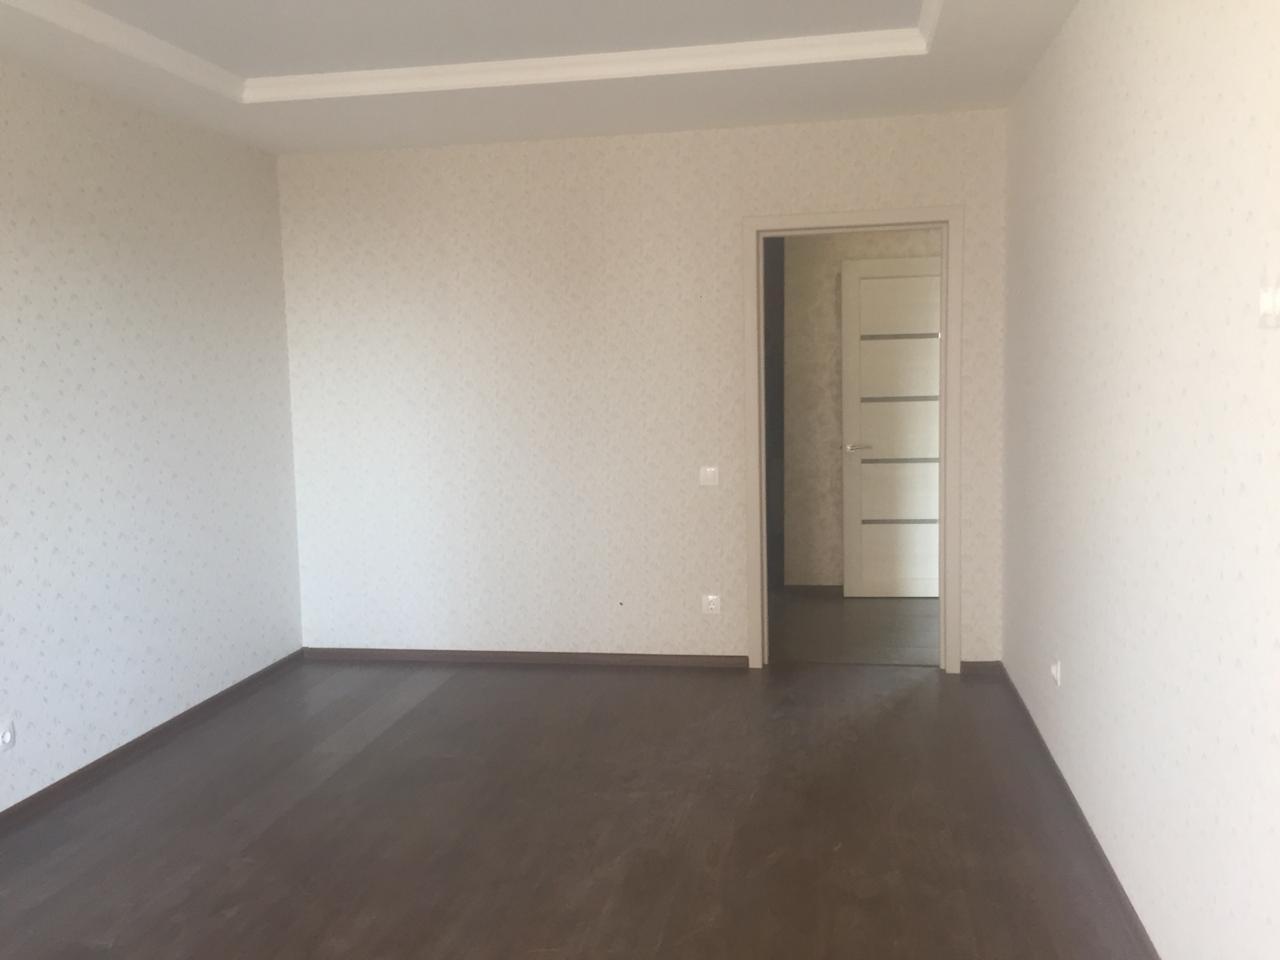 Продается однокомнатная квартира за 1 550 000 рублей. край Краснодарский, г Краснодар, ул Российская, дом 27.